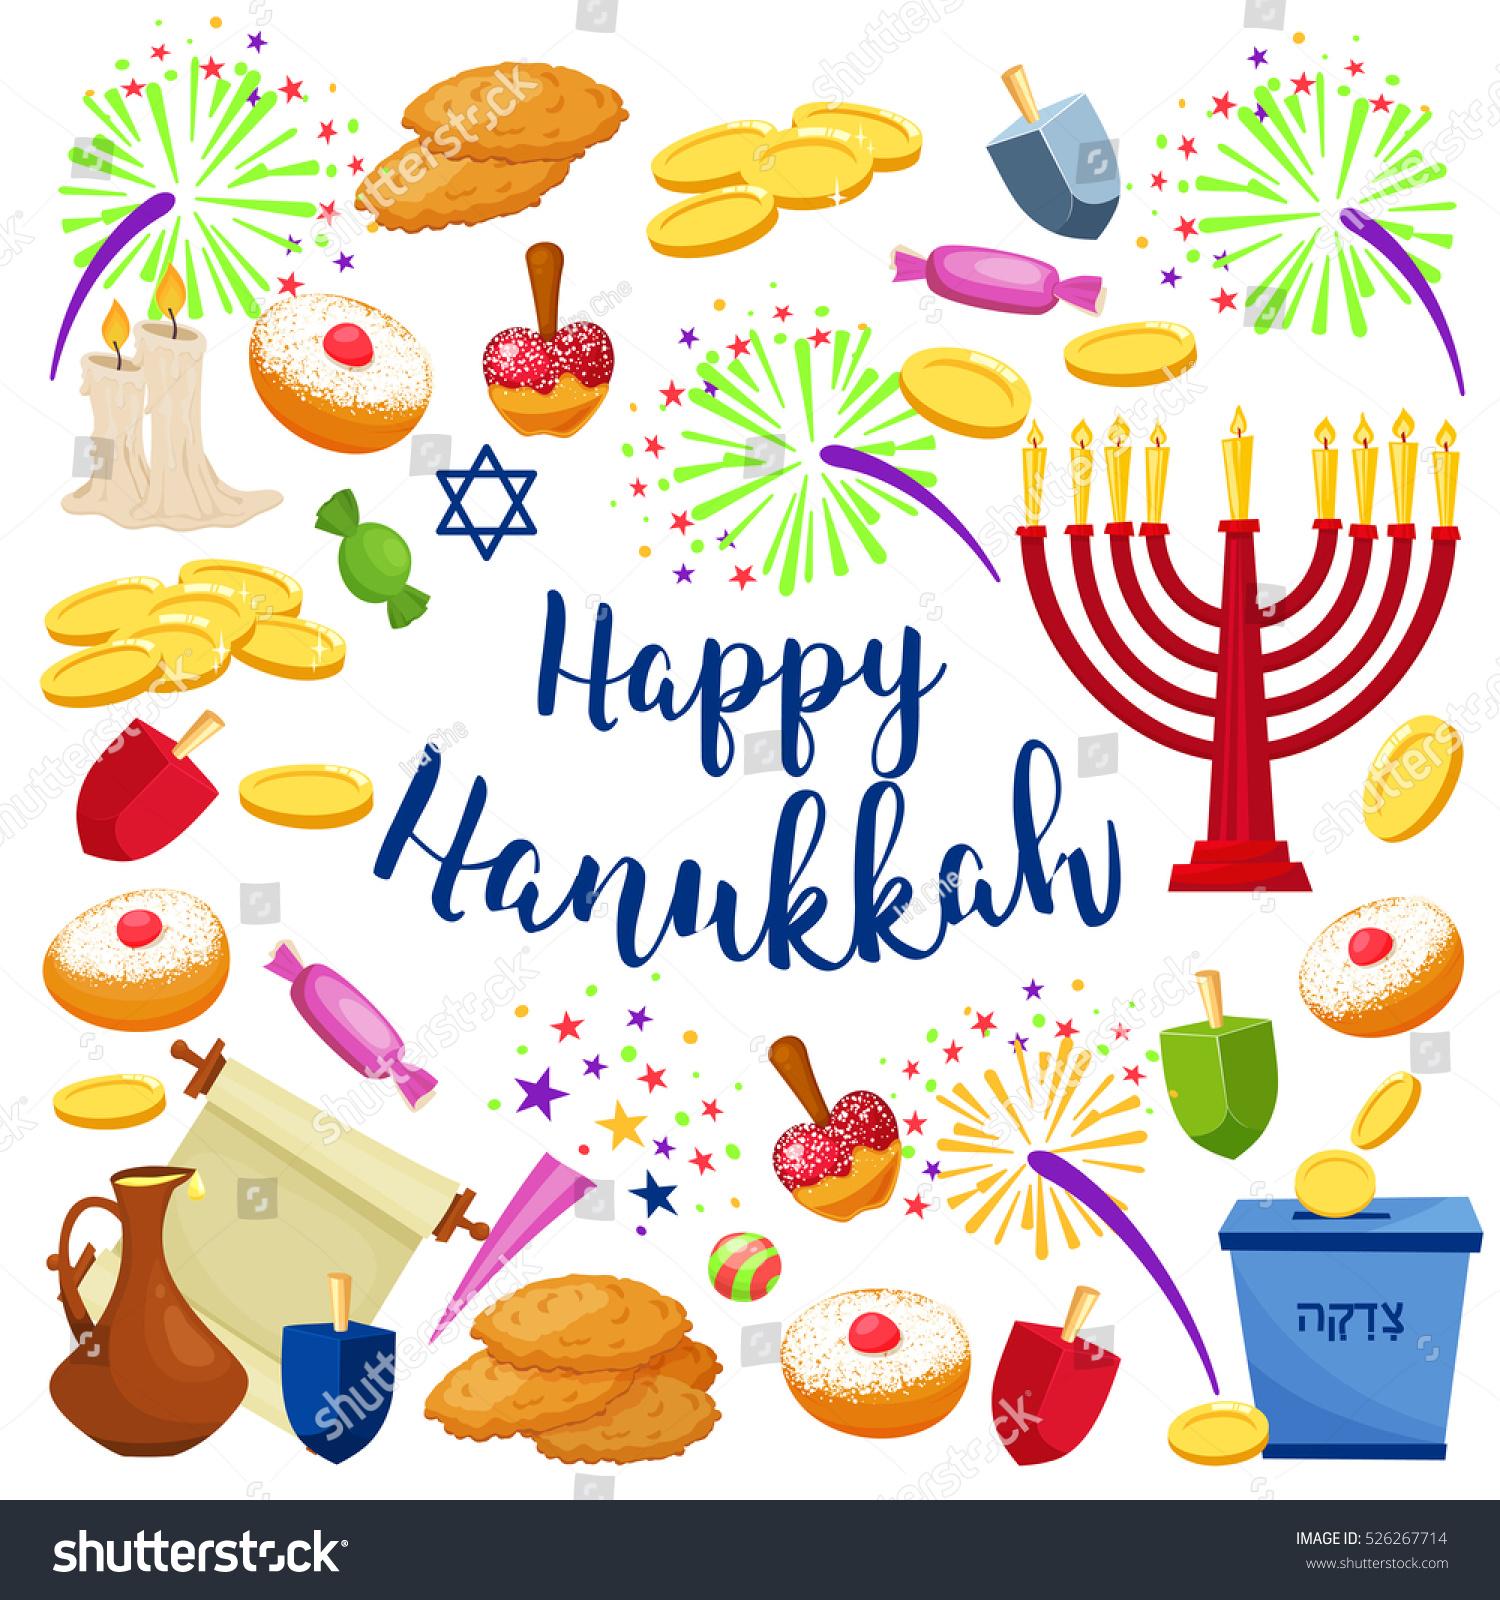 Happy Hanukkah Jewish Holiday Traditional Symbols Hanukkah Stock